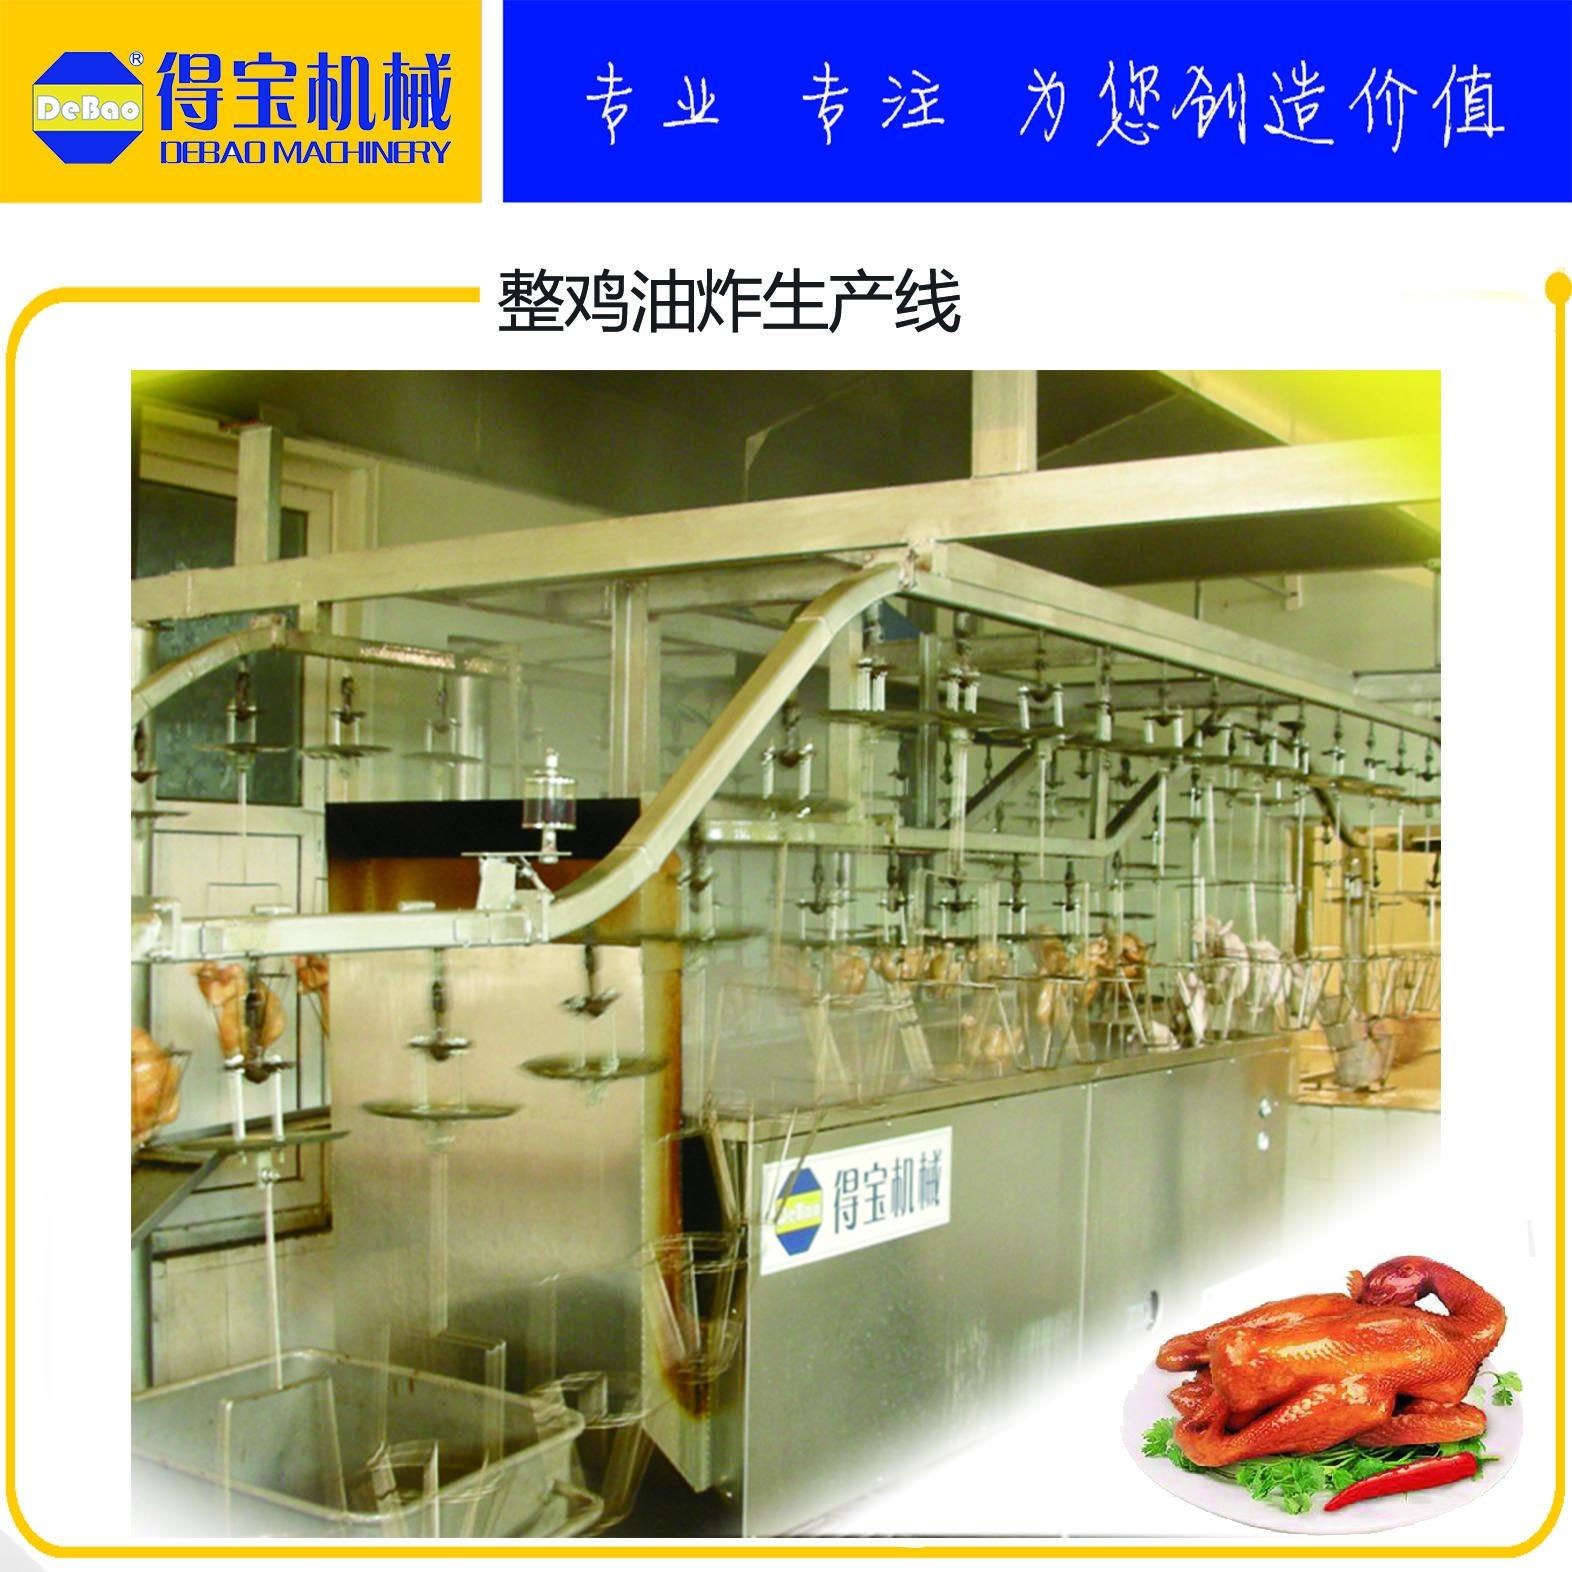 燒雞生產線   整雞油炸生產線 得寶油炸機 放心產品 廠家直銷